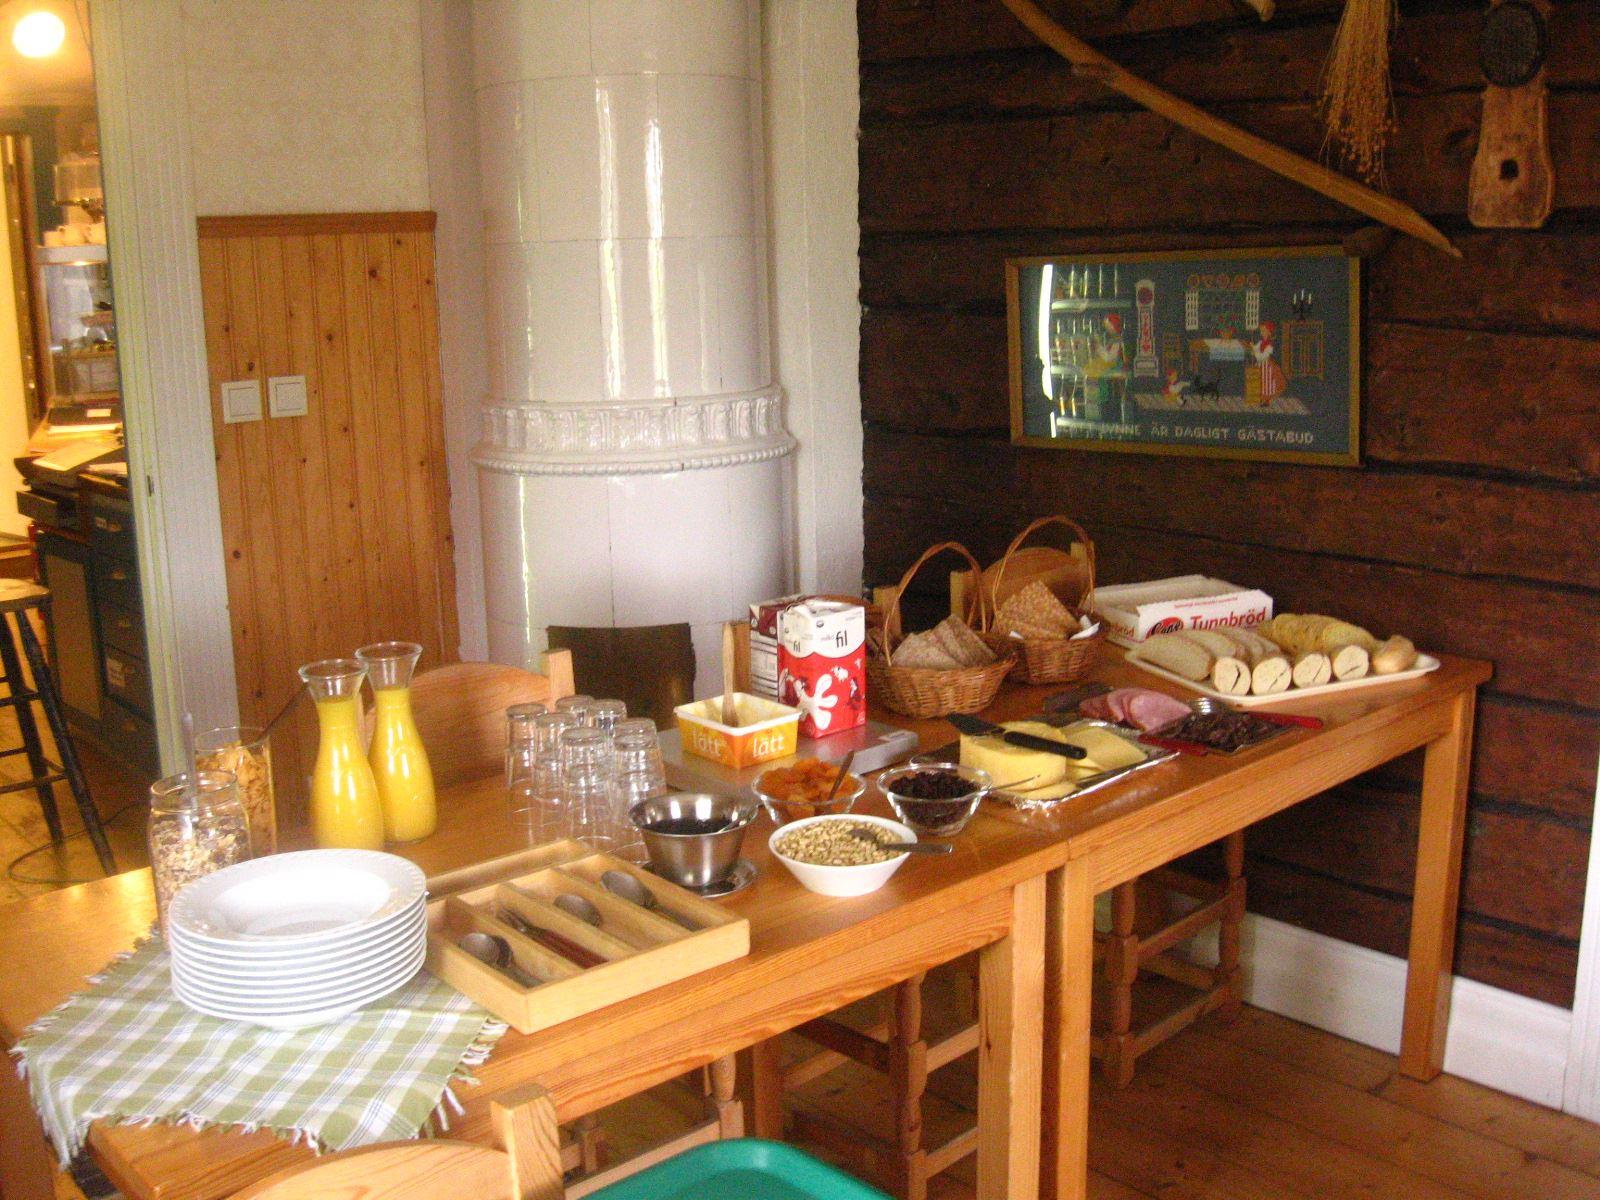 Frukostbuffé på Kustladan för boende och förbipasserande